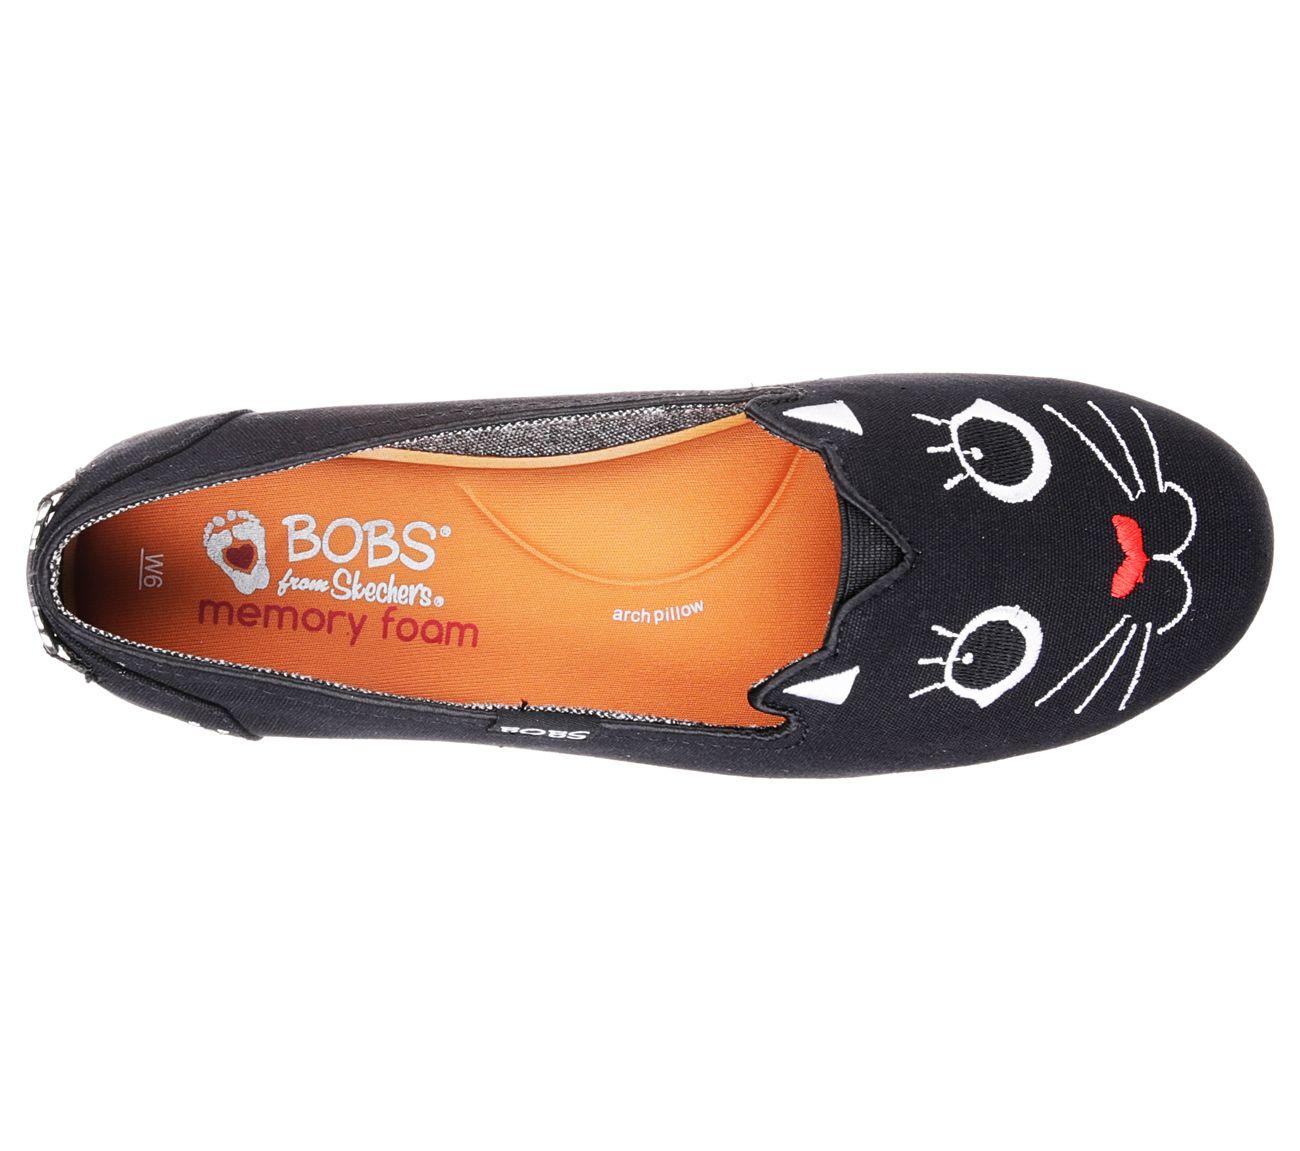 Casual shoes women, Bob shoes